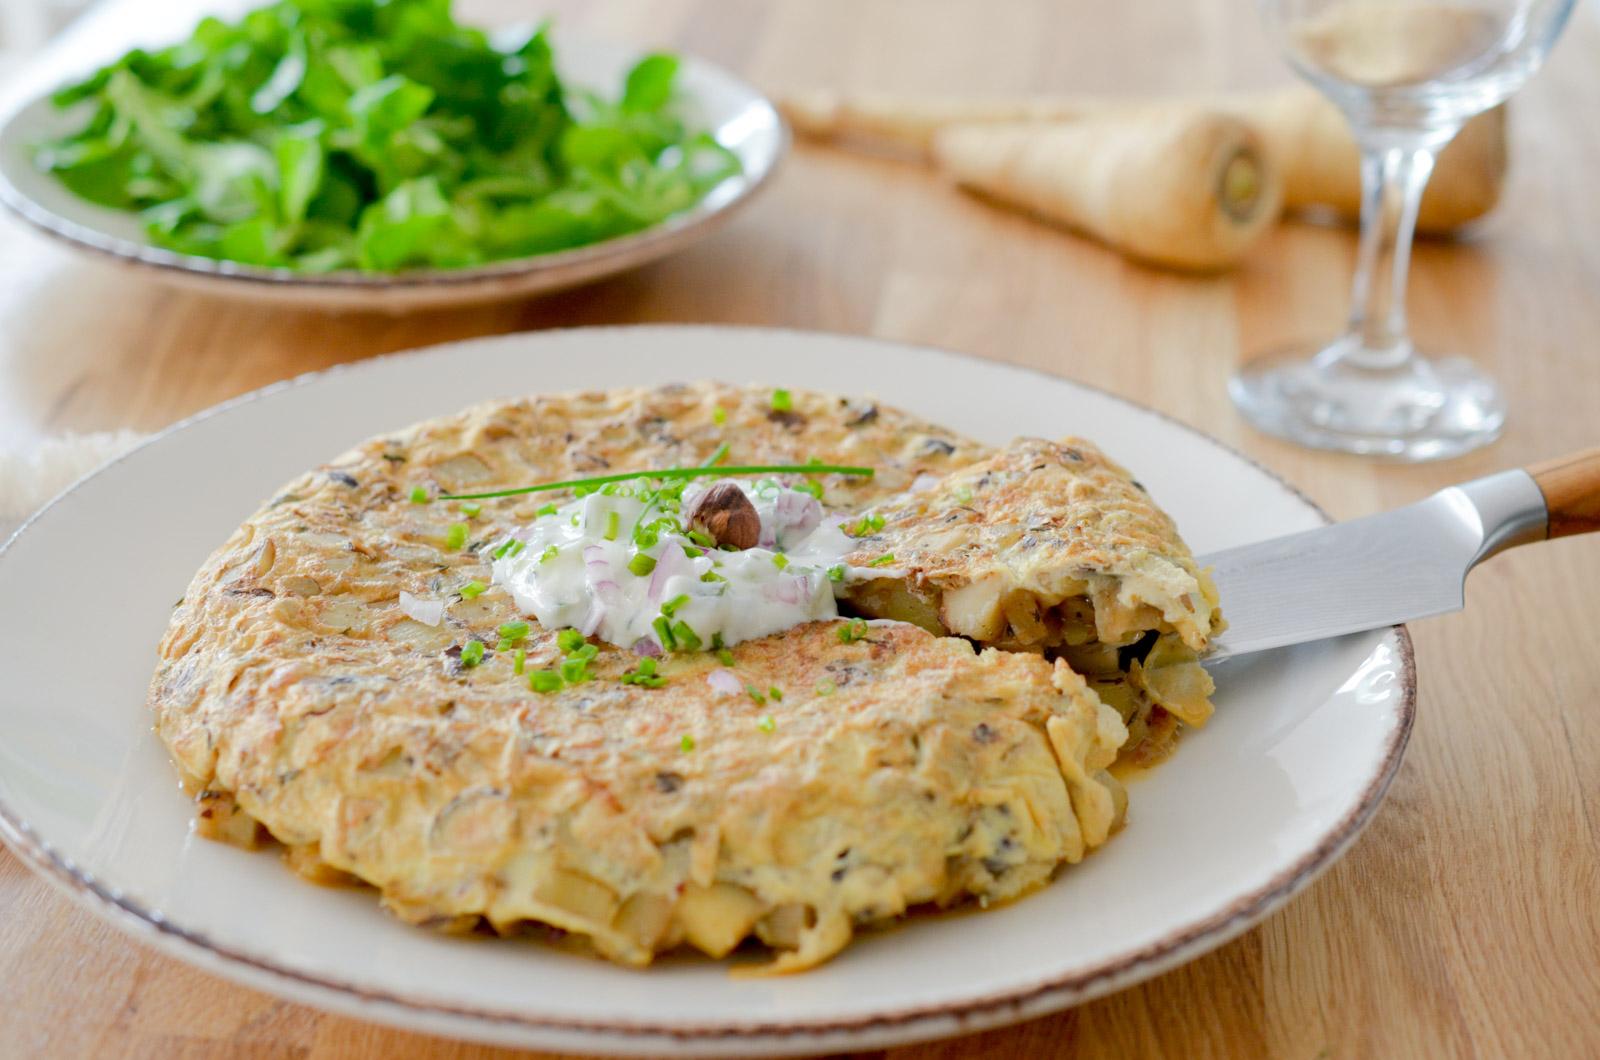 Tortilla aux panais et noisette